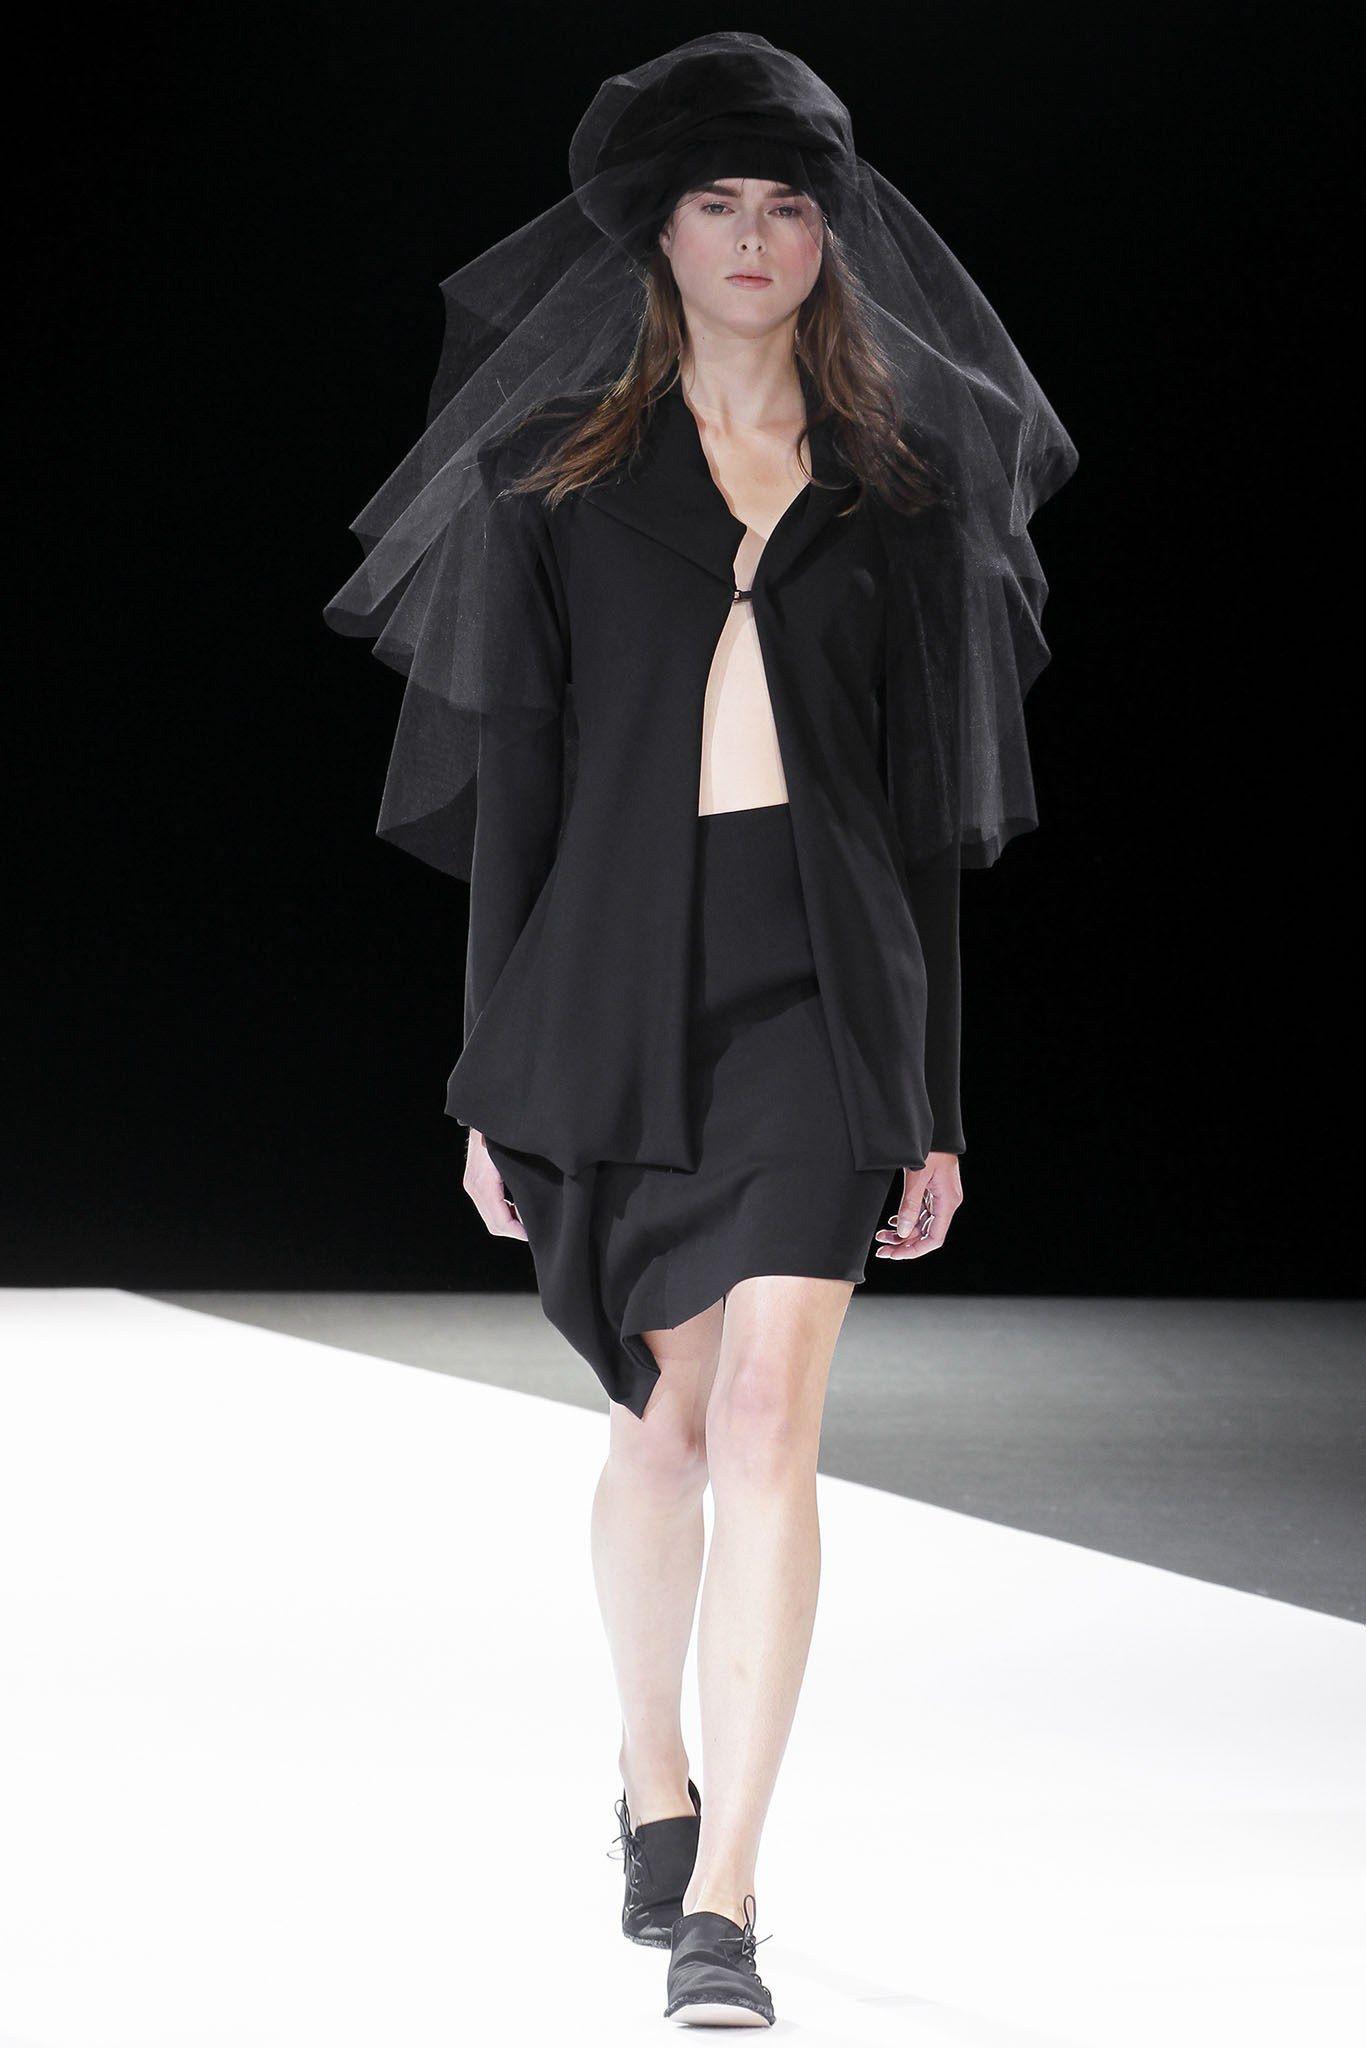 Yohji Yamamoto Spring 2013 Ready-to-Wear Fashion Show - Hannare Blaauboer (EVIDENCE)